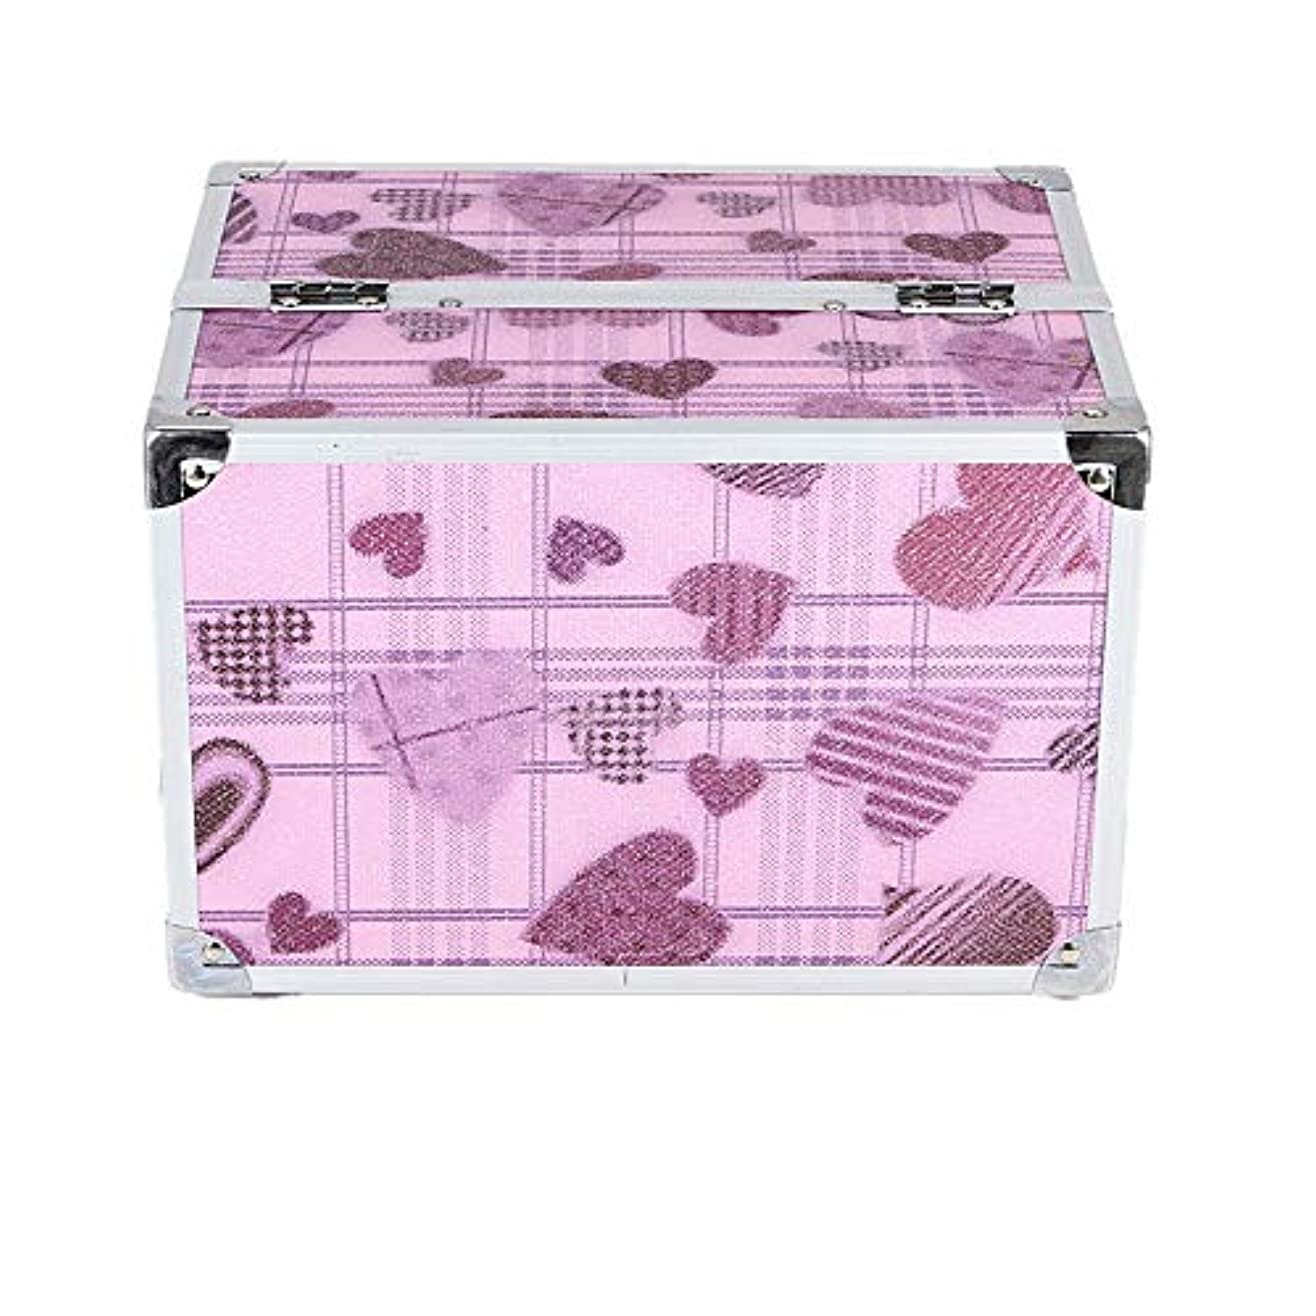 アリーナ許可アリーナ化粧オーガナイザーバッグ かわいいハートパターントラベルアクセサリーのためのポータブル化粧ケースシャンプーボディウォッシュパーソナルアイテム収納トレイ 化粧品ケース